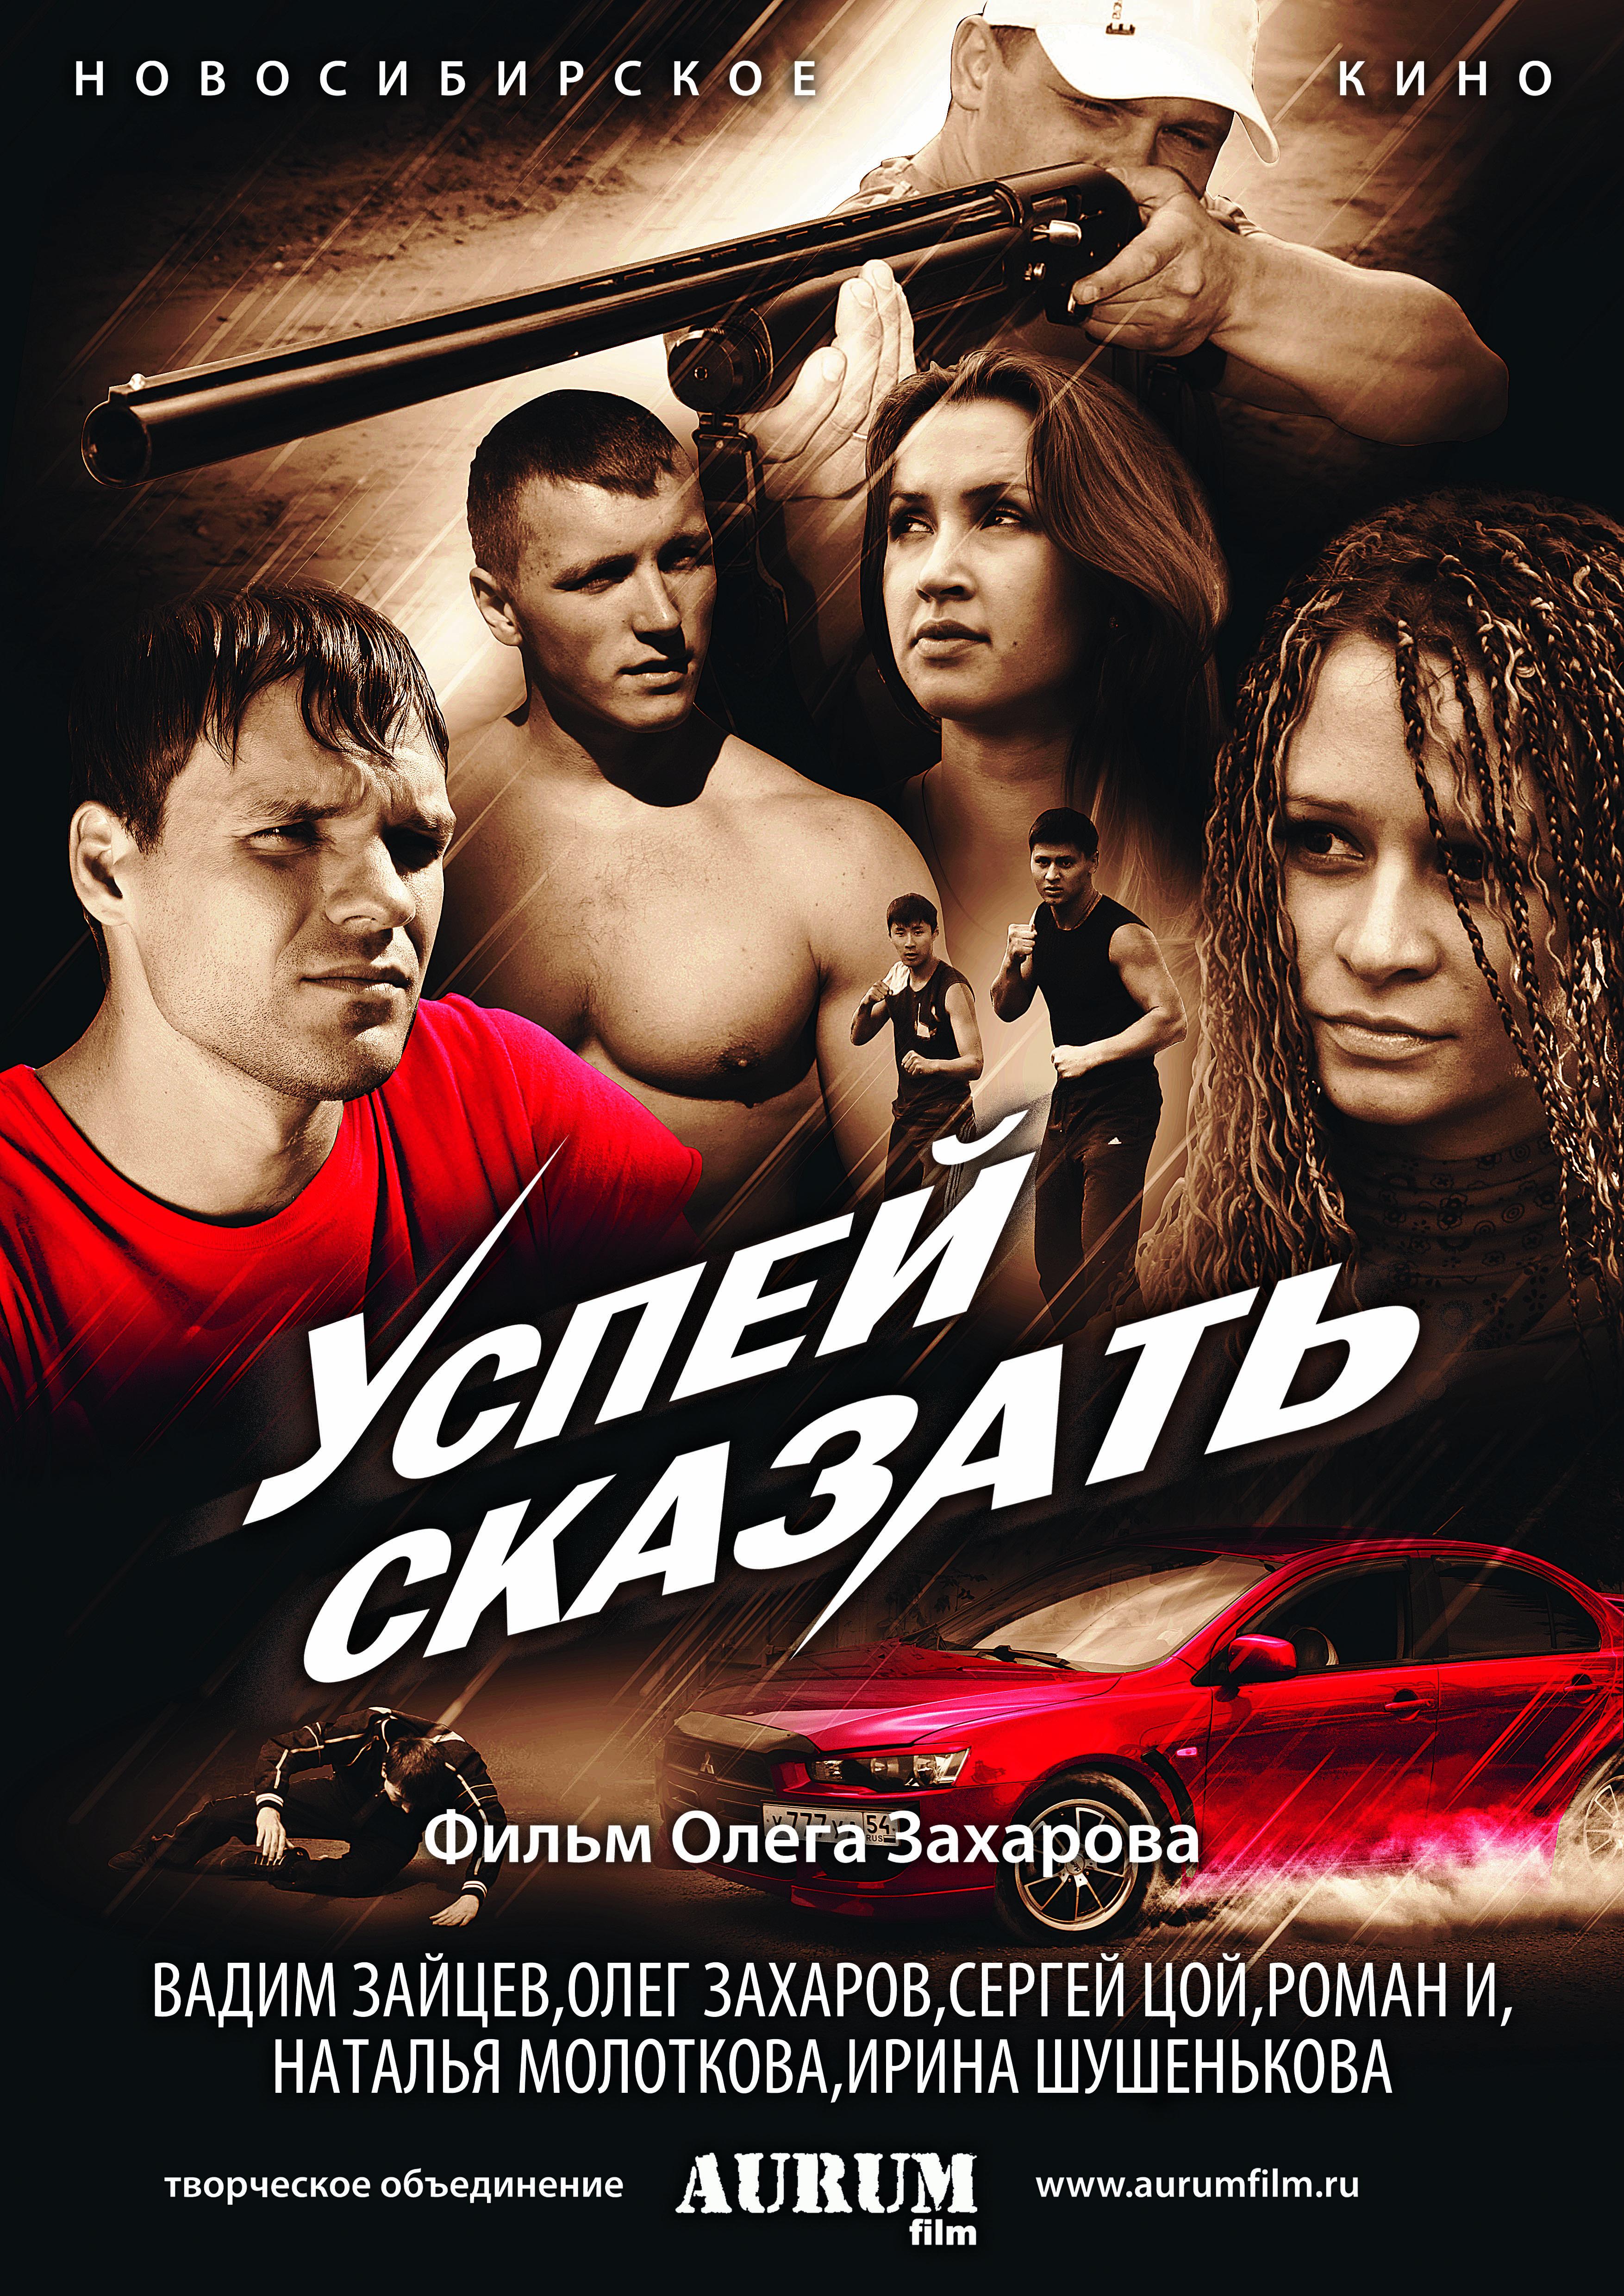 Смотреть Фильм Успей Сказать 2011 Онлайн